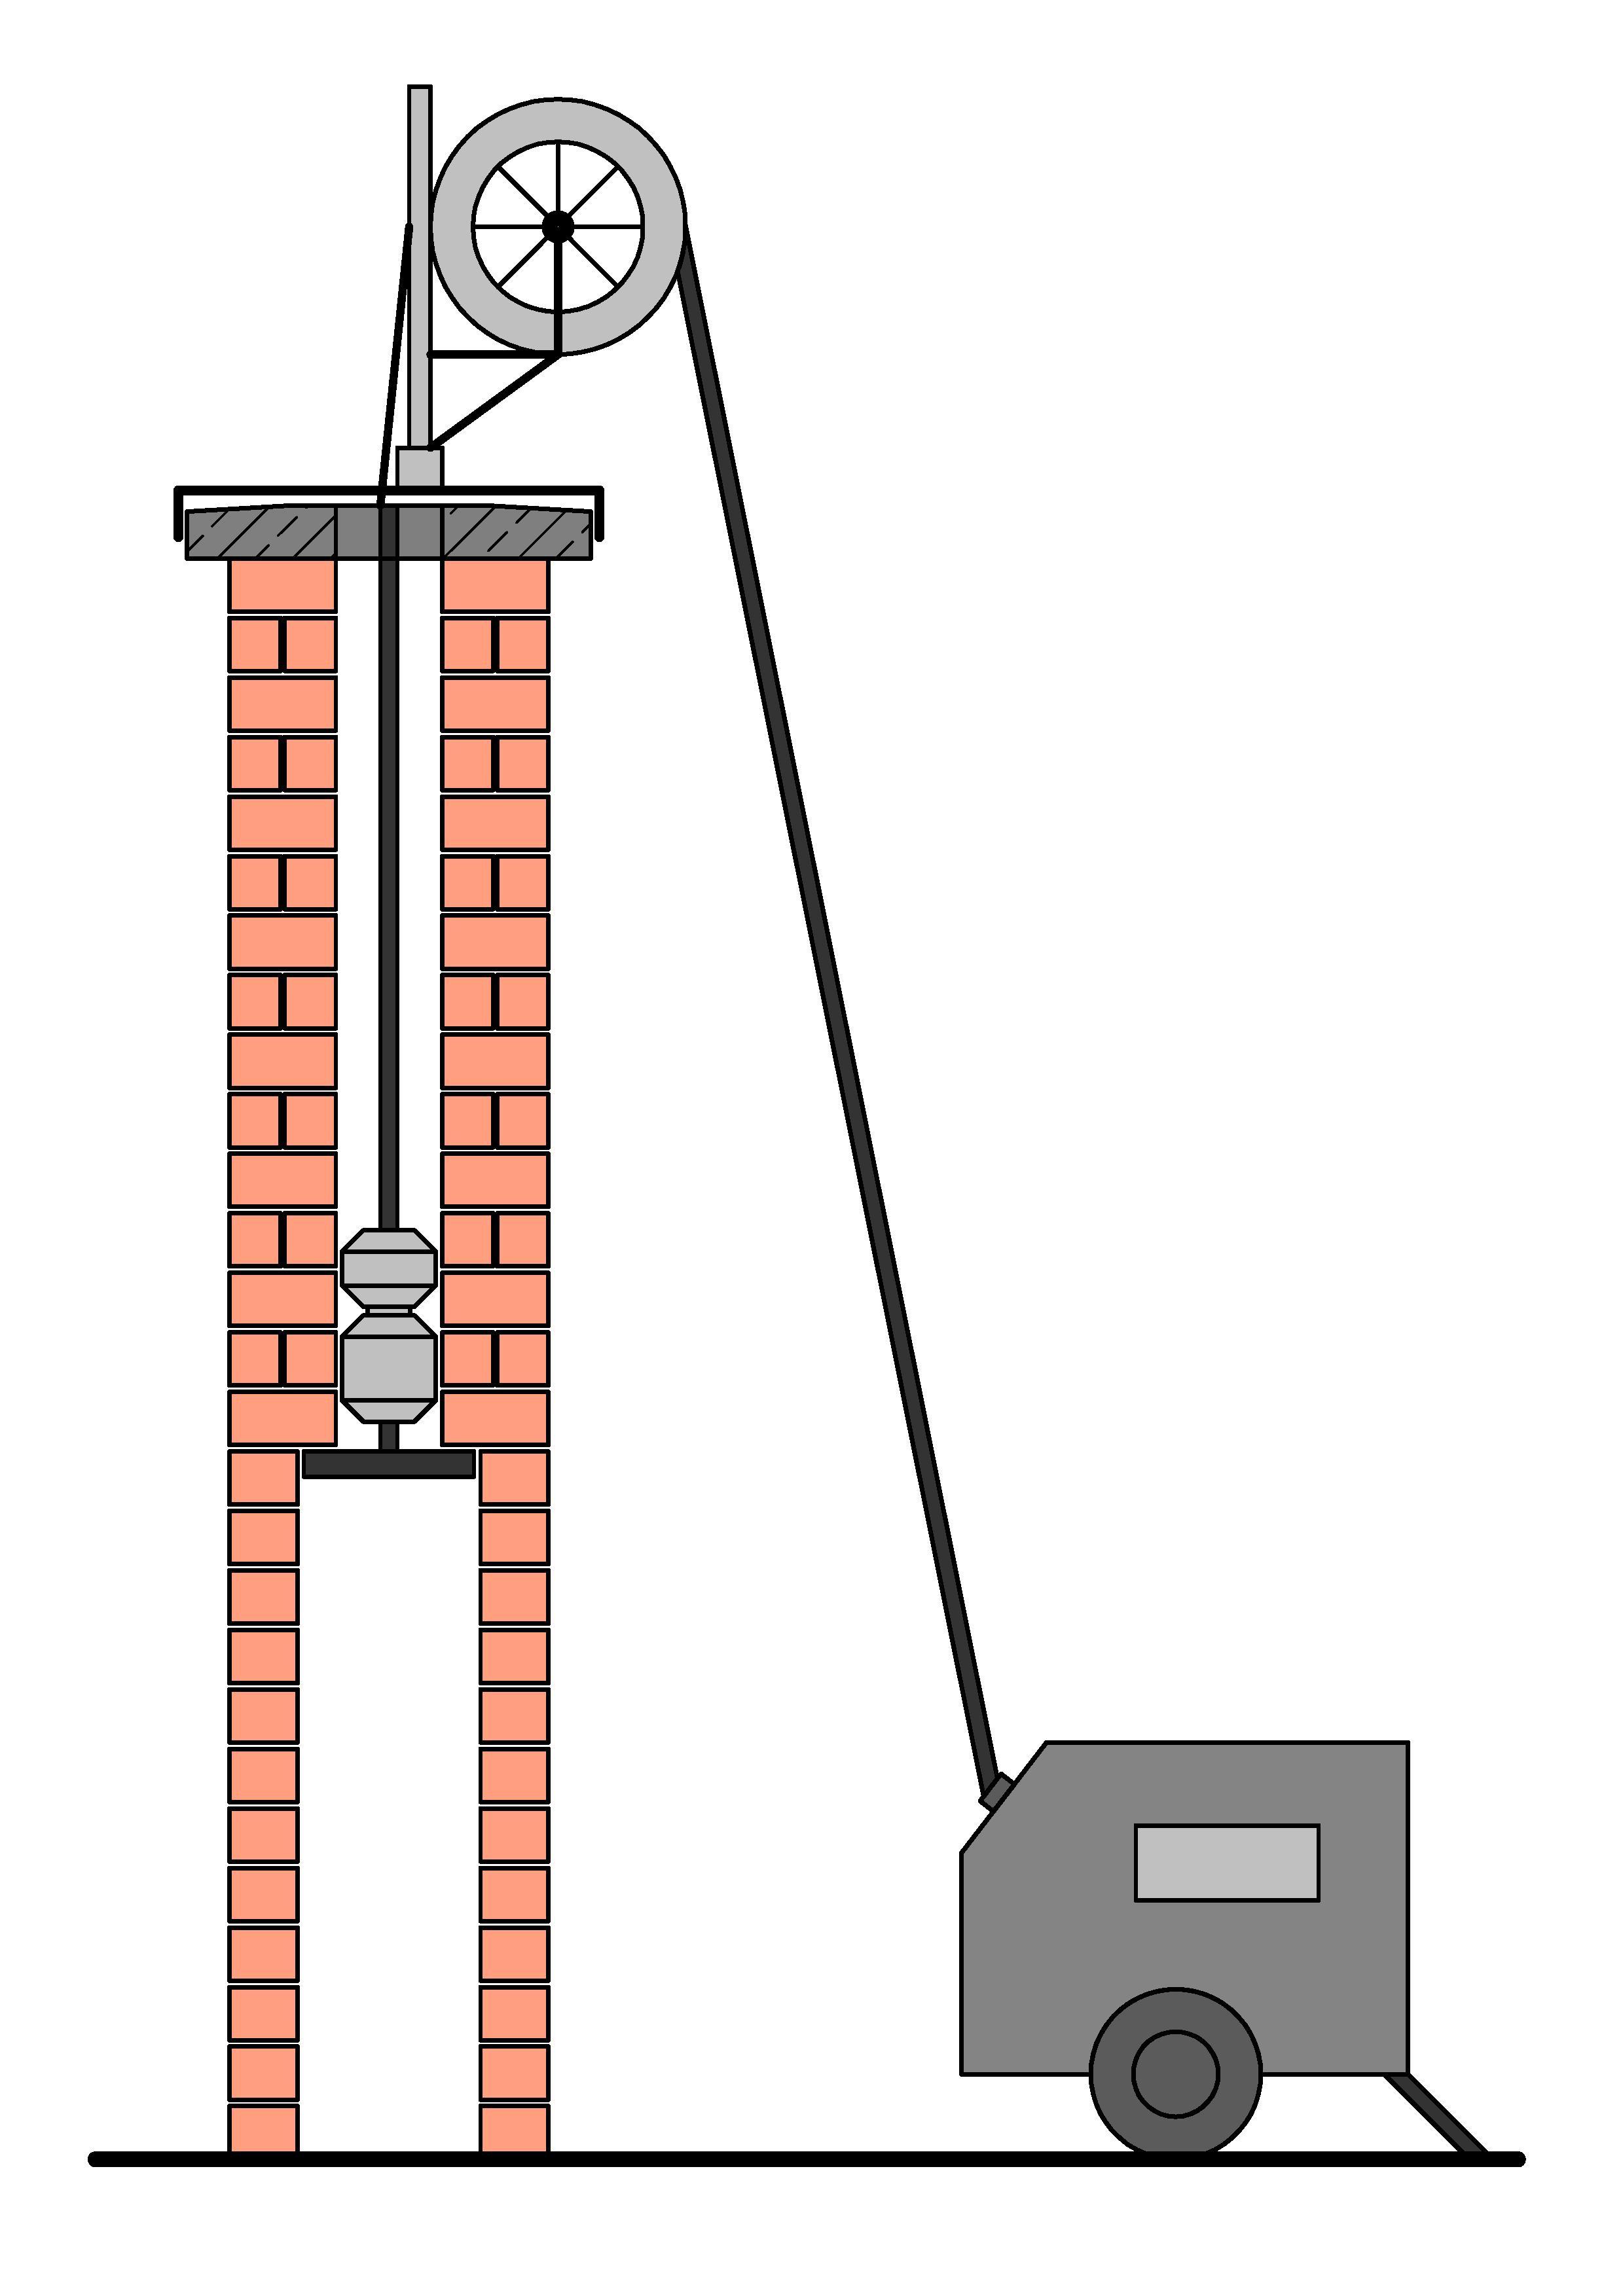 Ausfräsen vom Schornstein auf 180mm inkl. Sanierung mit Edelstahlrohren DN180mm, Stahl 1.4404, Stärke 0,8mm (Querschnitterweiterung, Schornsteinsanierung, Sanierung vom Schornstein)